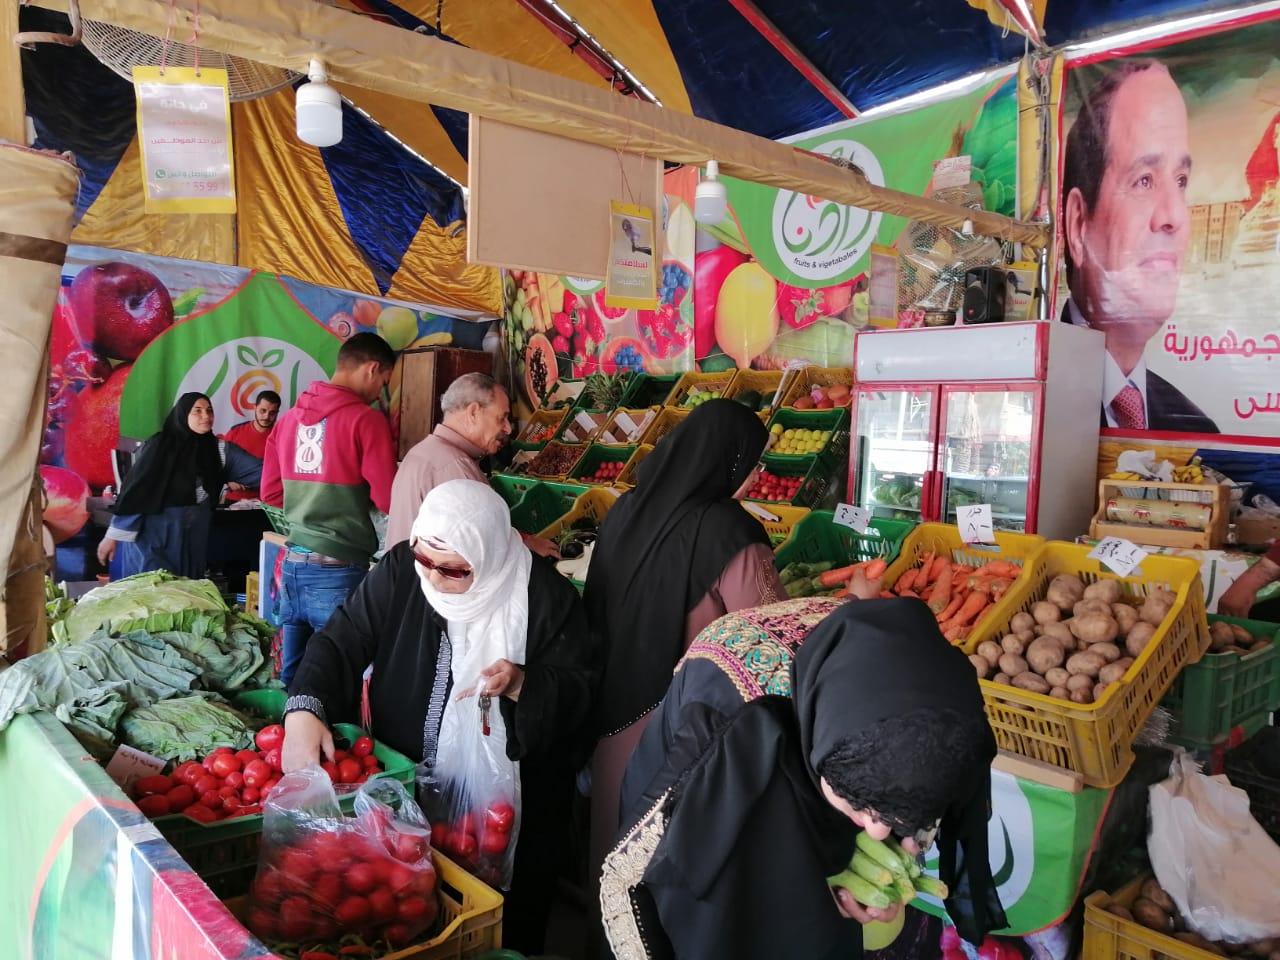 انتعاش بأسواق الخضر والفاكهة بالغربية ورقابة تموينية على الأسعار (5)